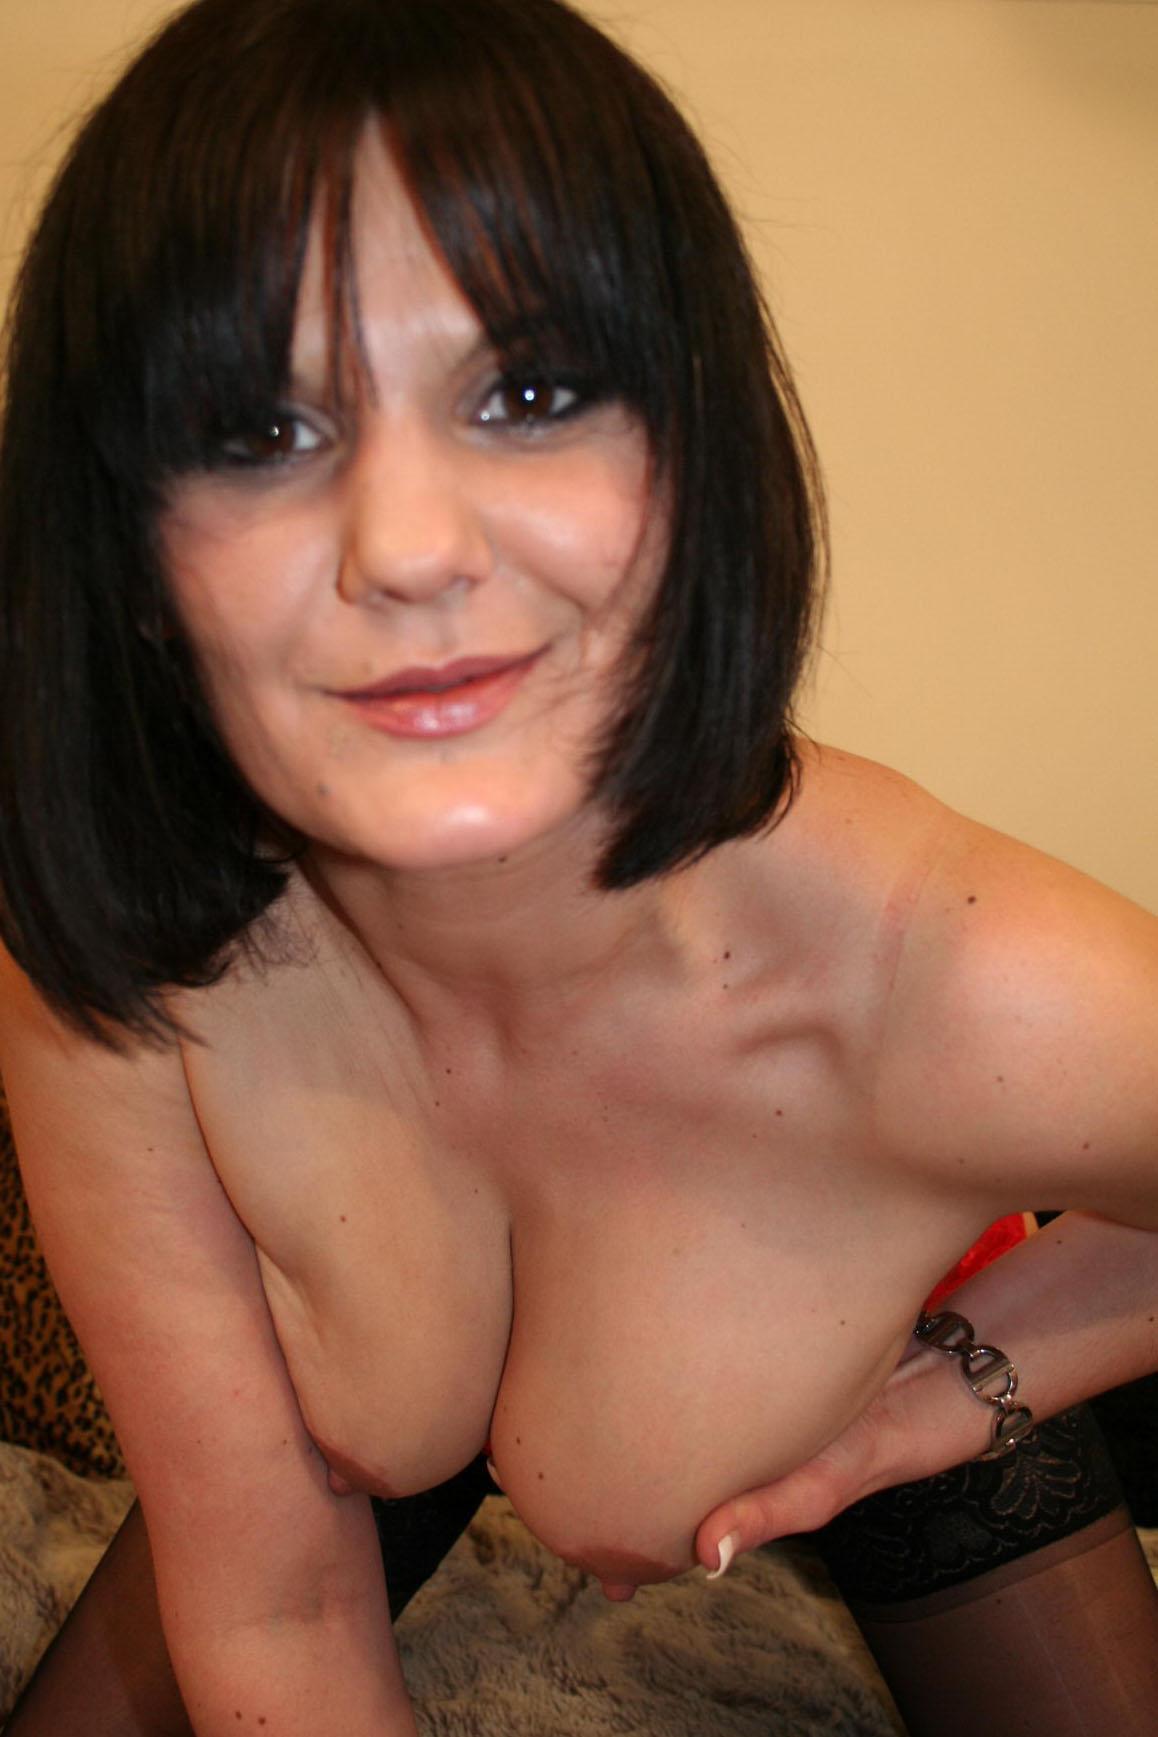 warwickshire_brunette_escort